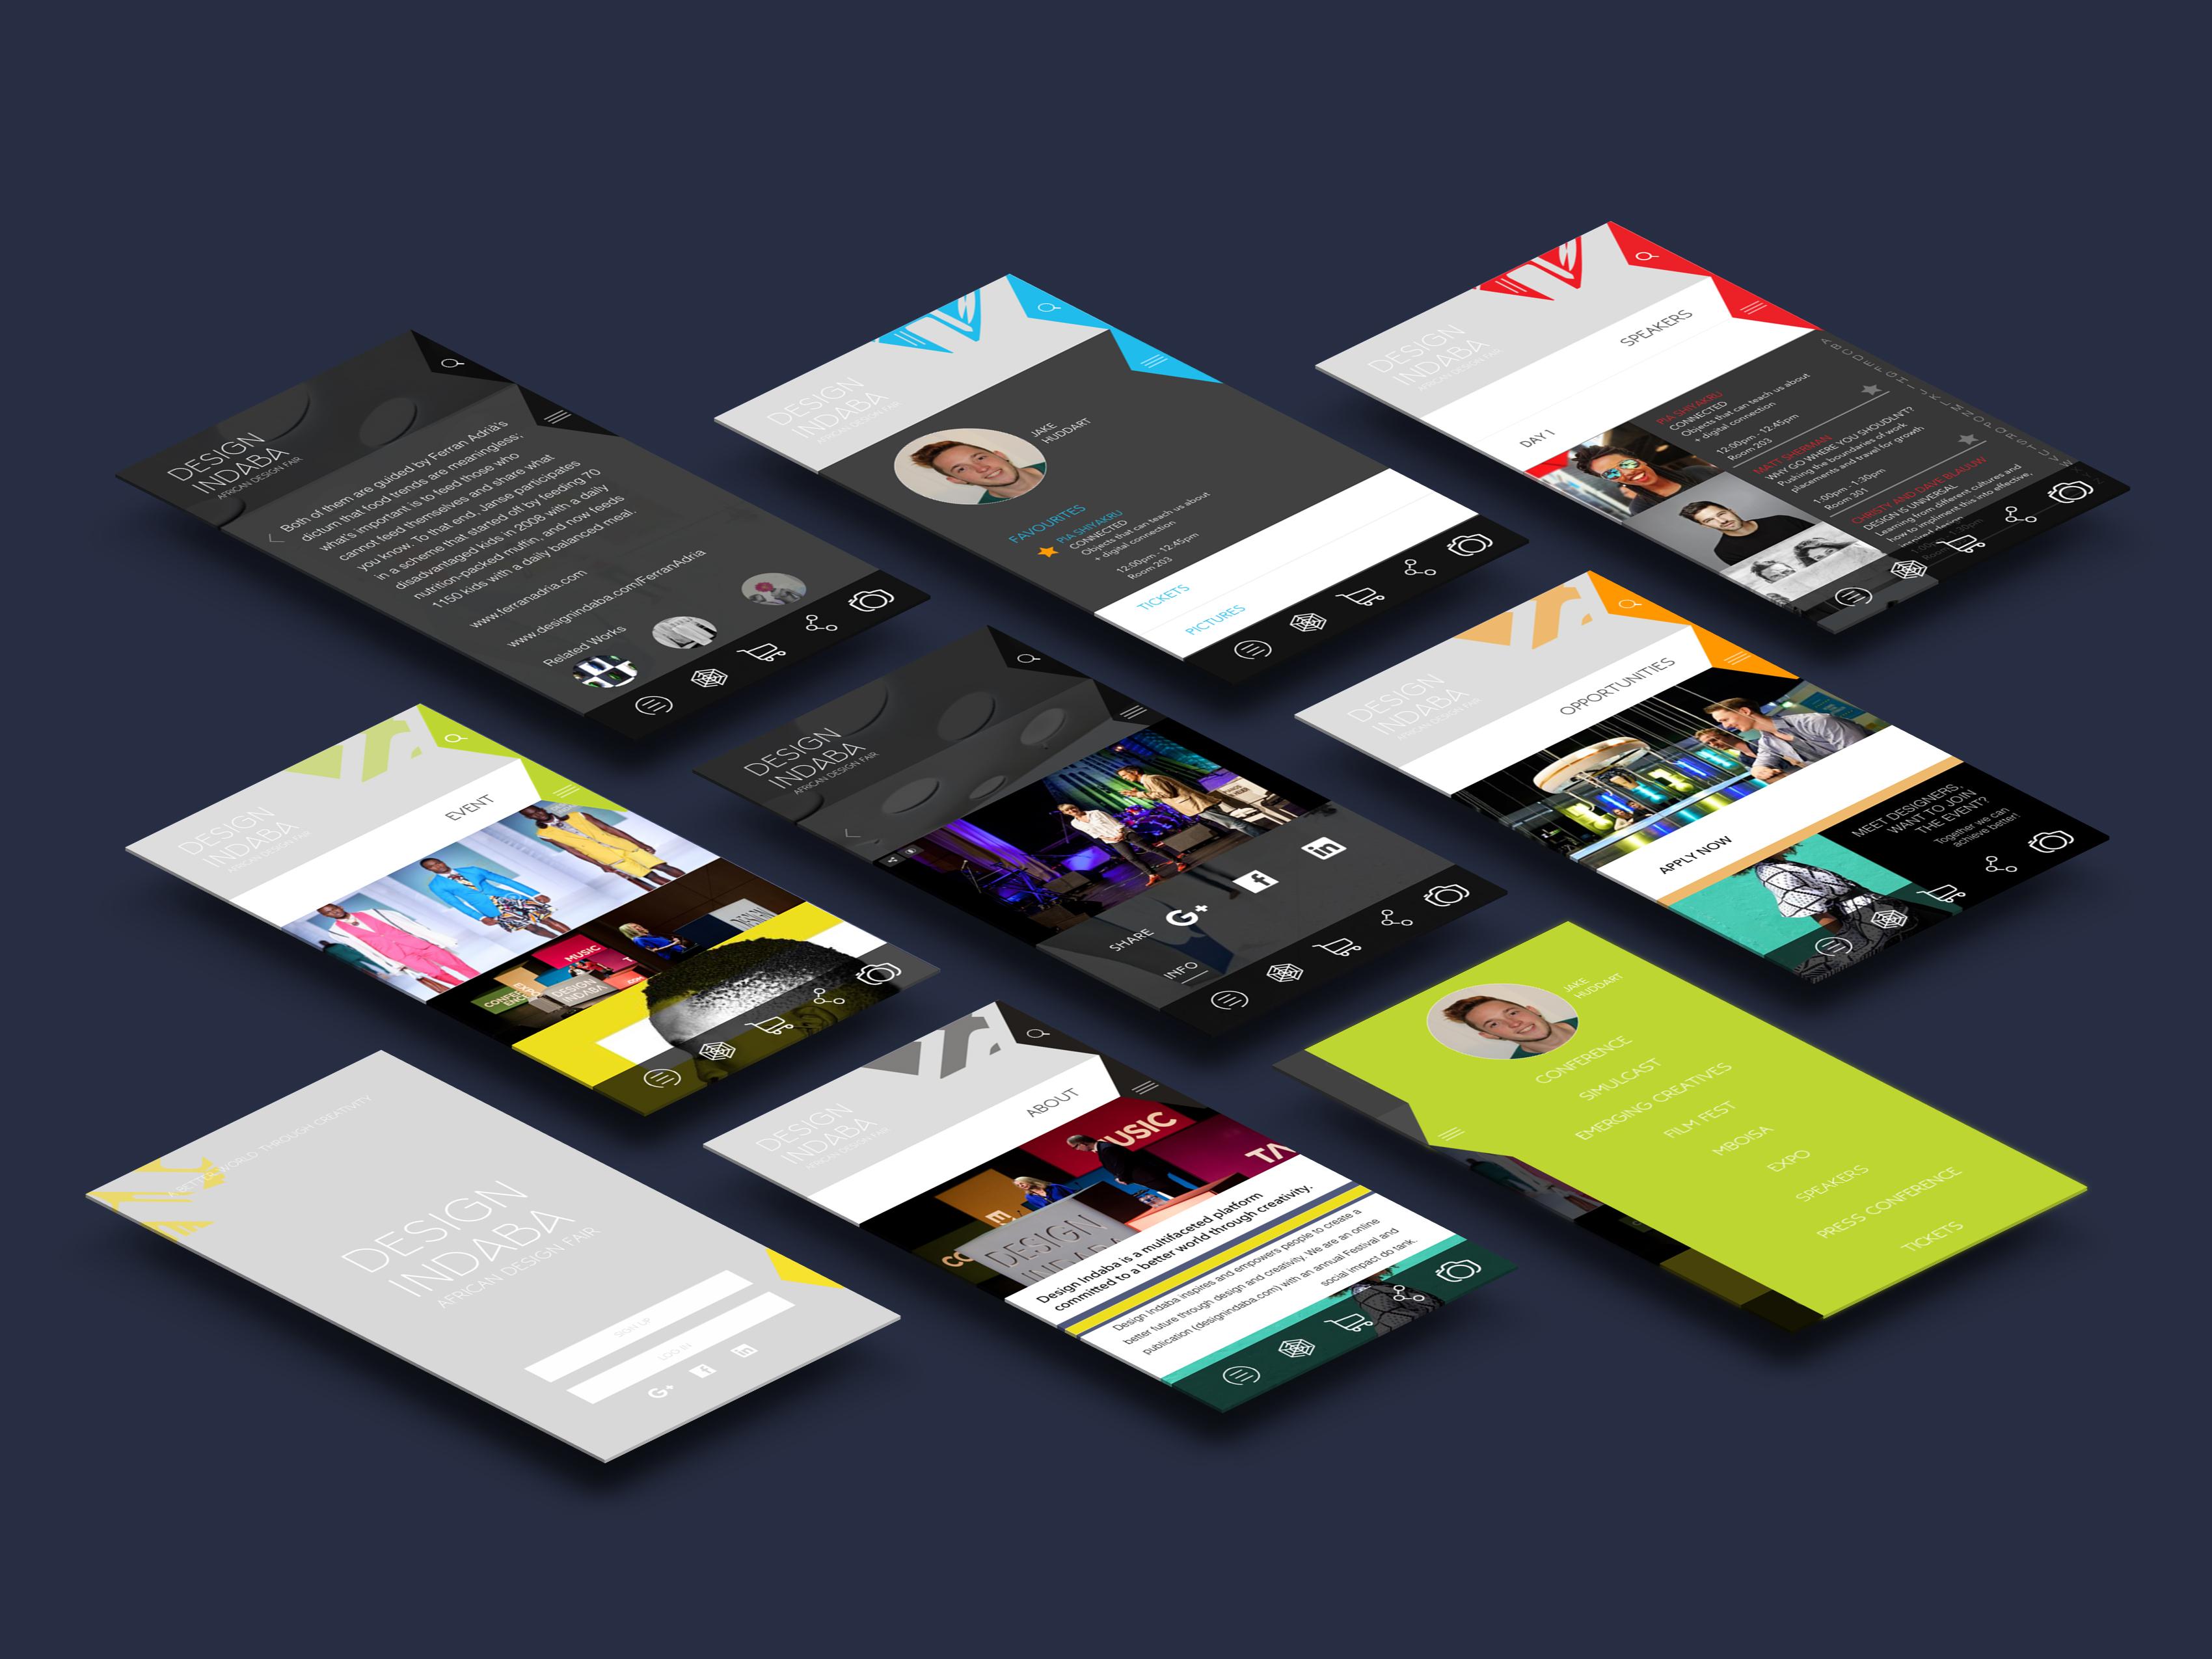 Design Indaba App Design